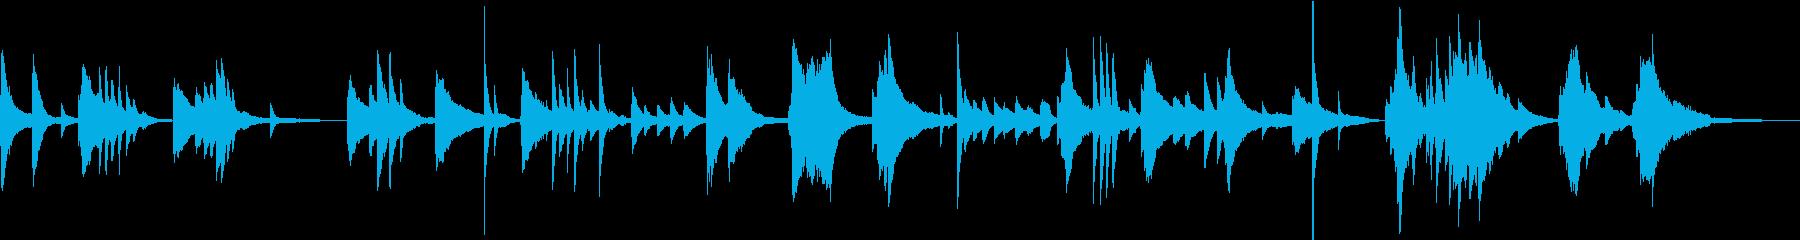 落ち着いた雰囲気のピアノ曲の再生済みの波形